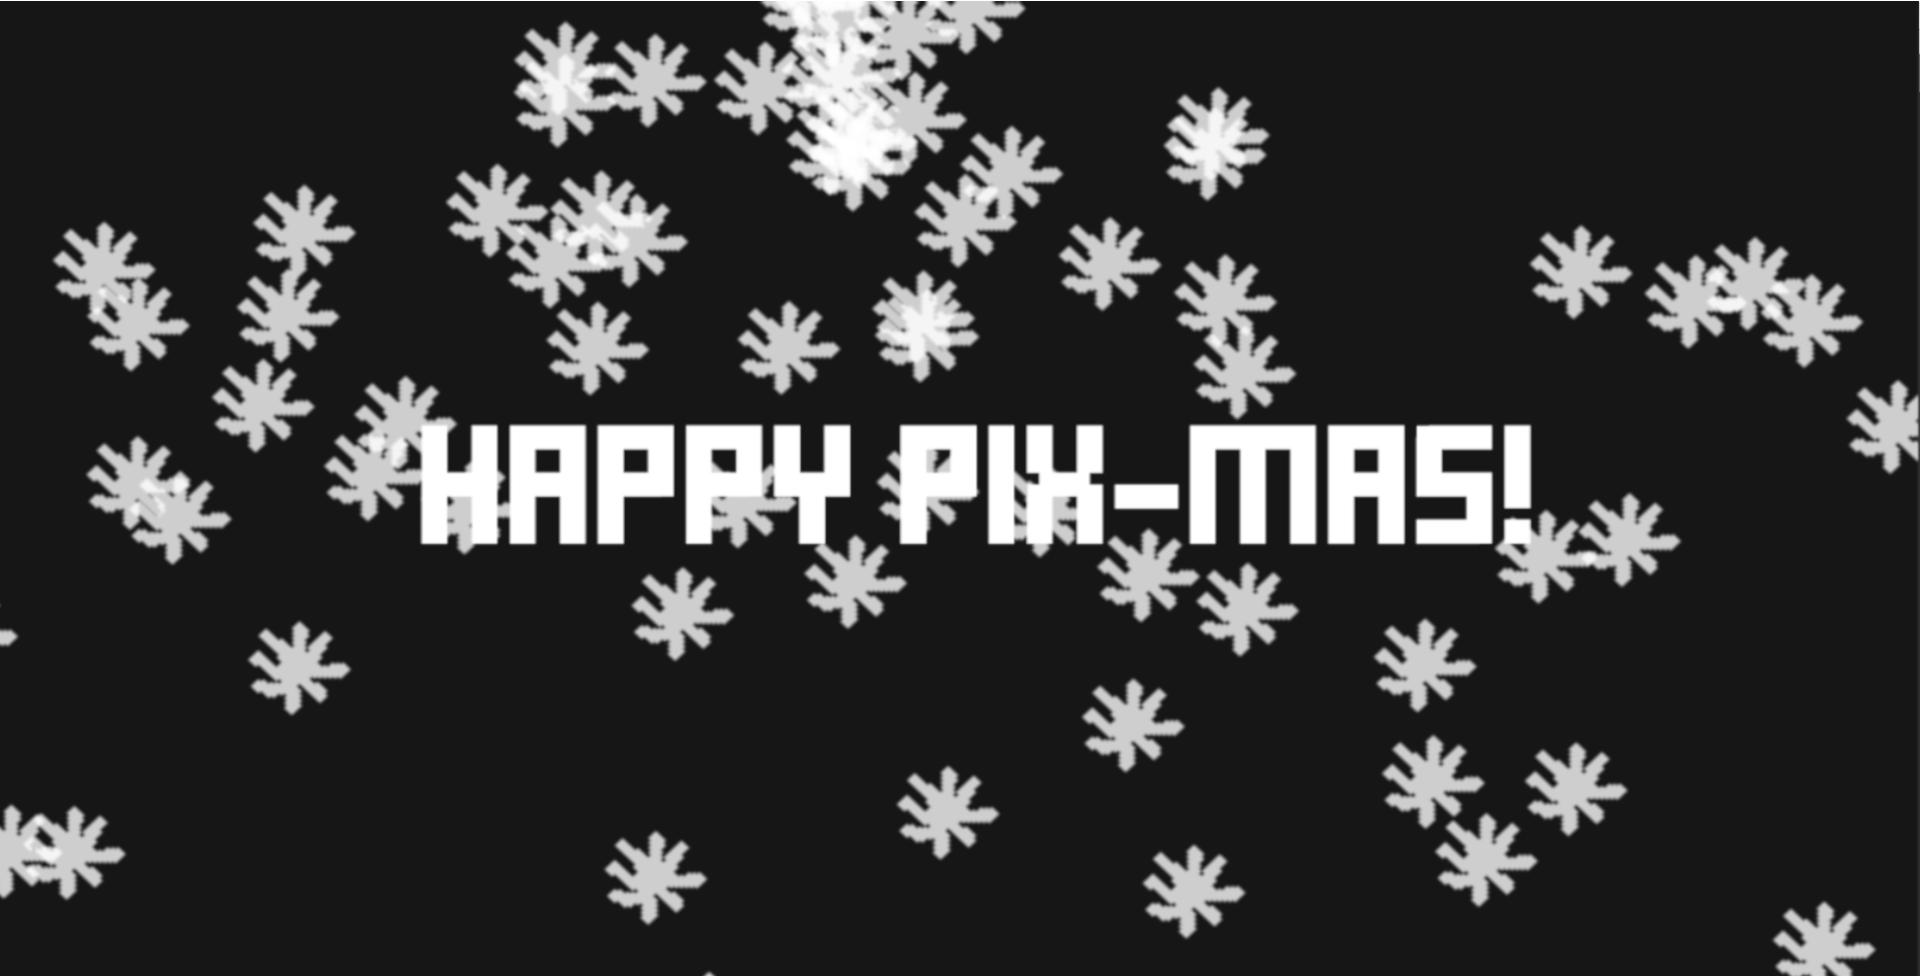 Happy PIX-MAS!